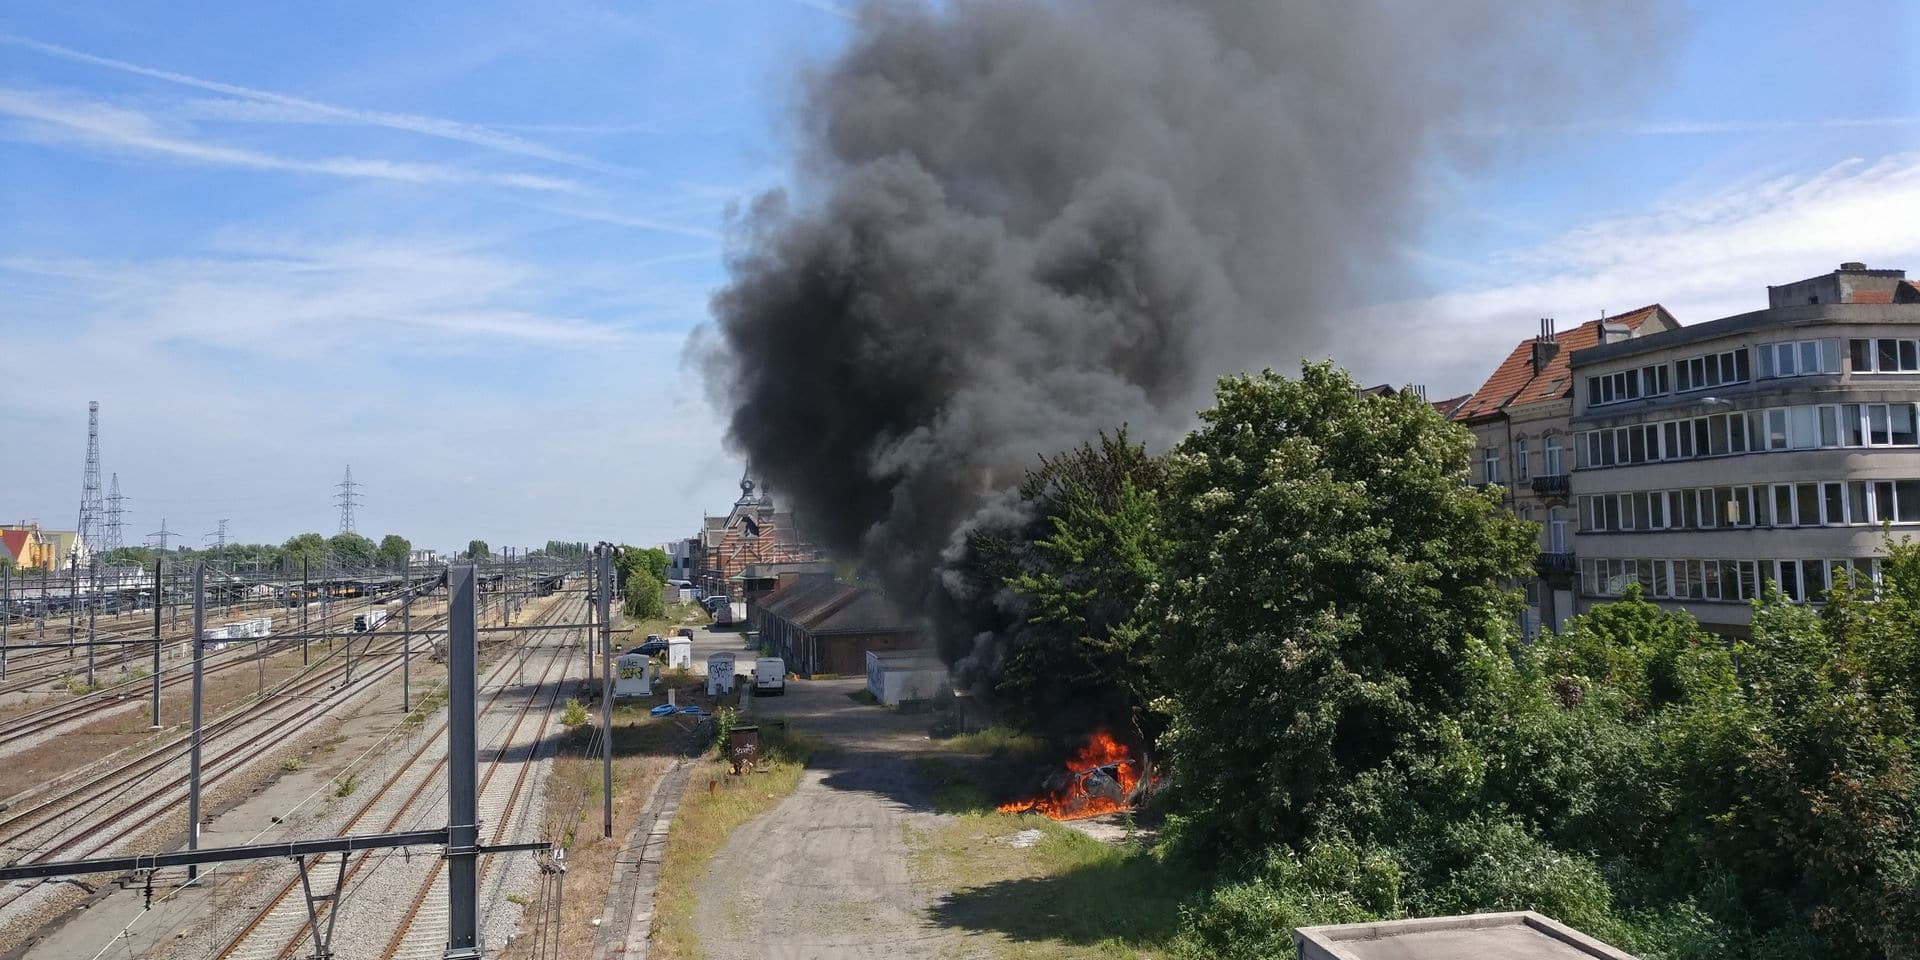 Schaerbeek : Un incendie à proximité des chemins de fer